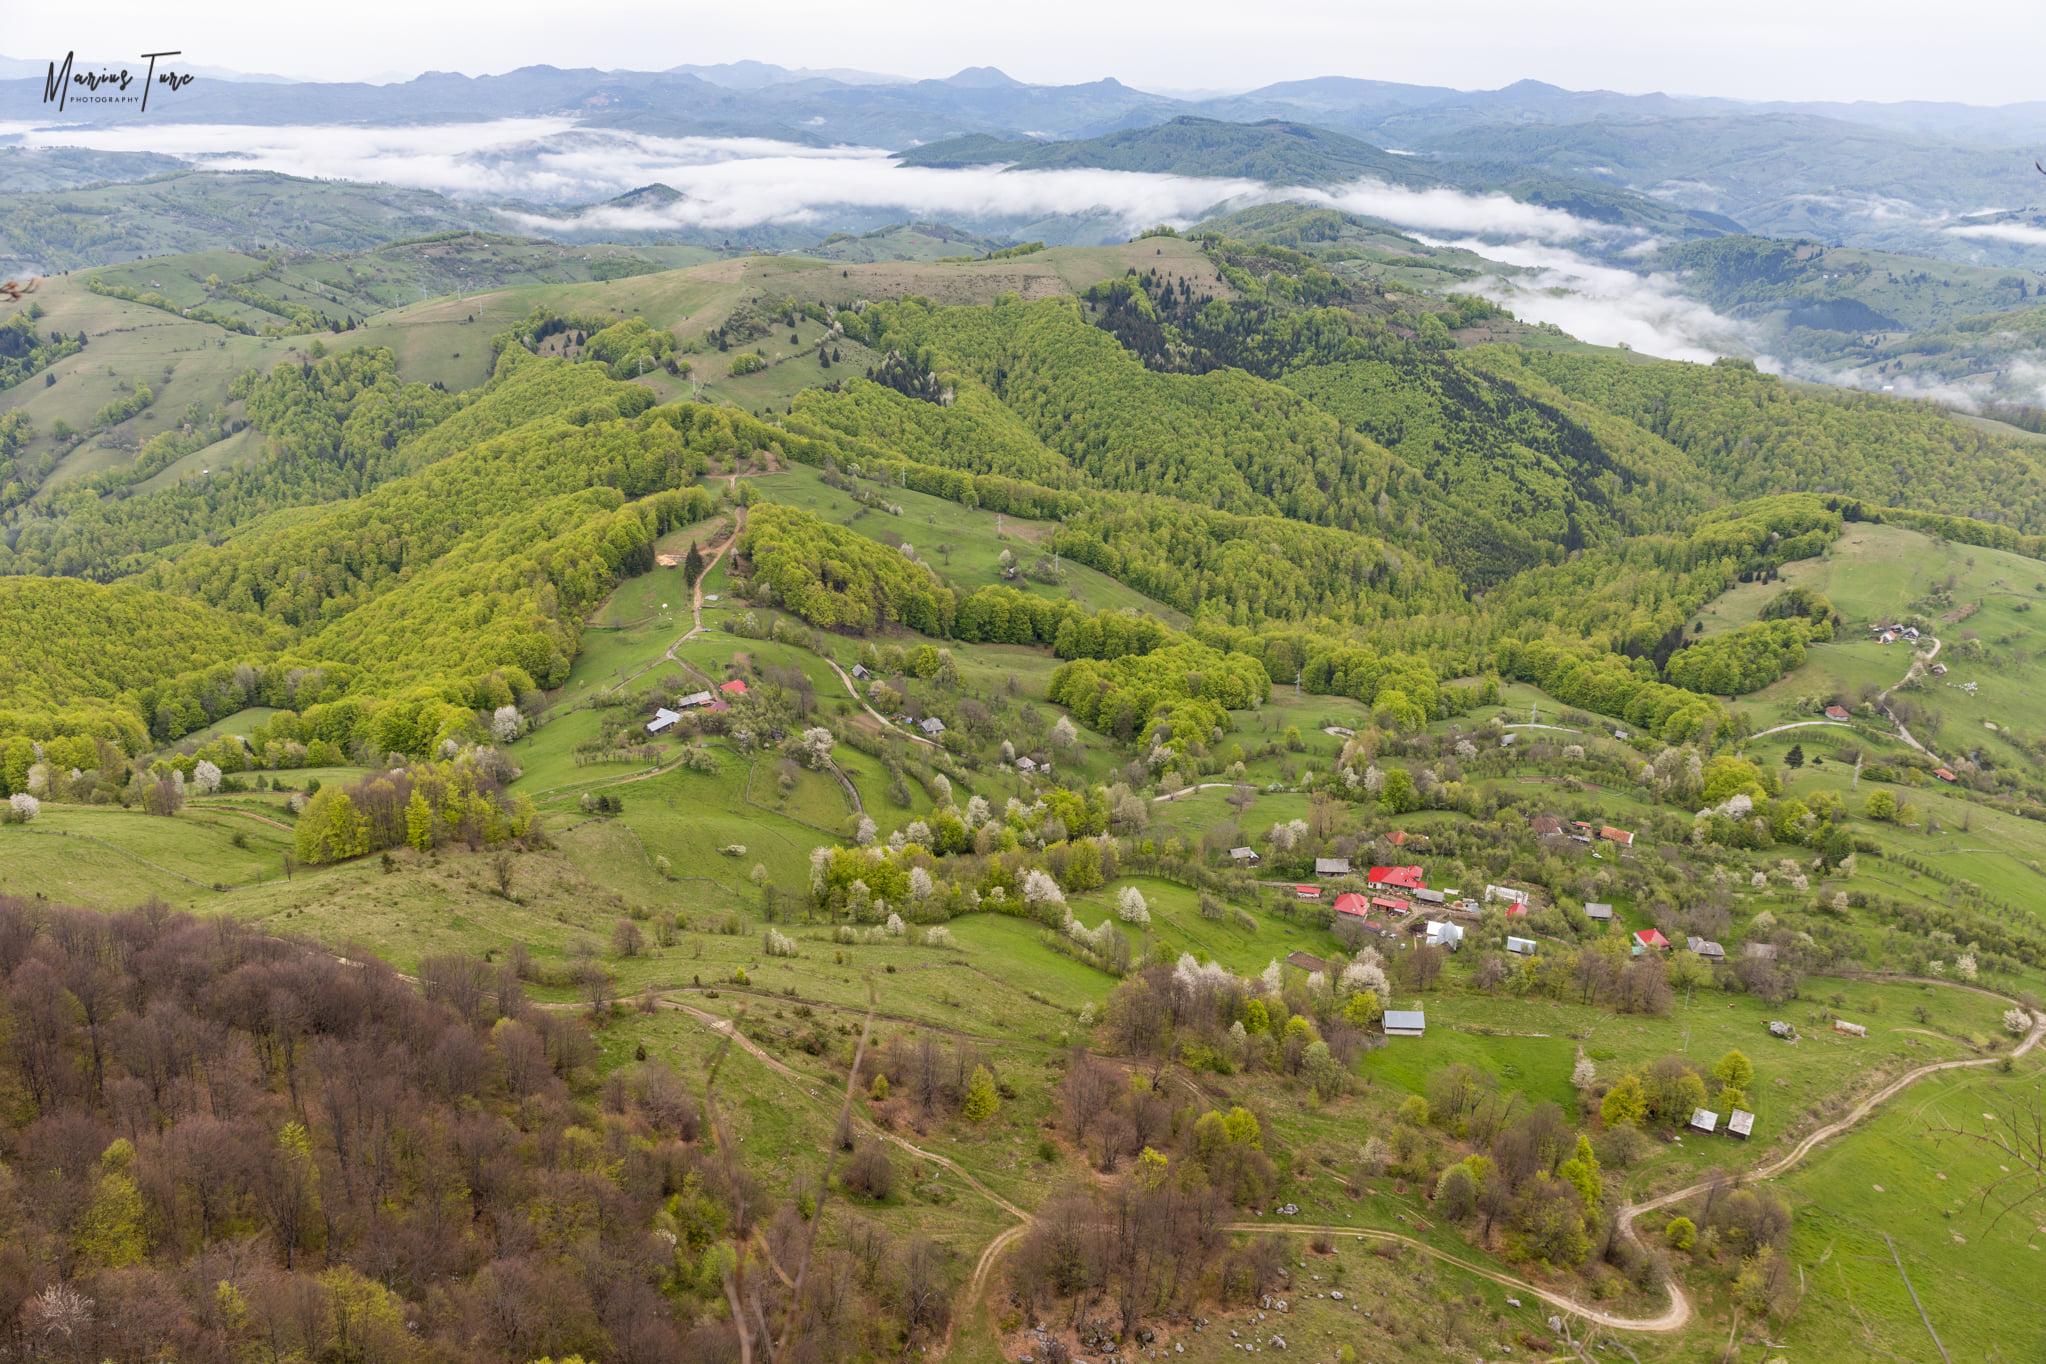 Belvedere spre cătunul Vâlcan și Țara Abrudului - Marius Turc